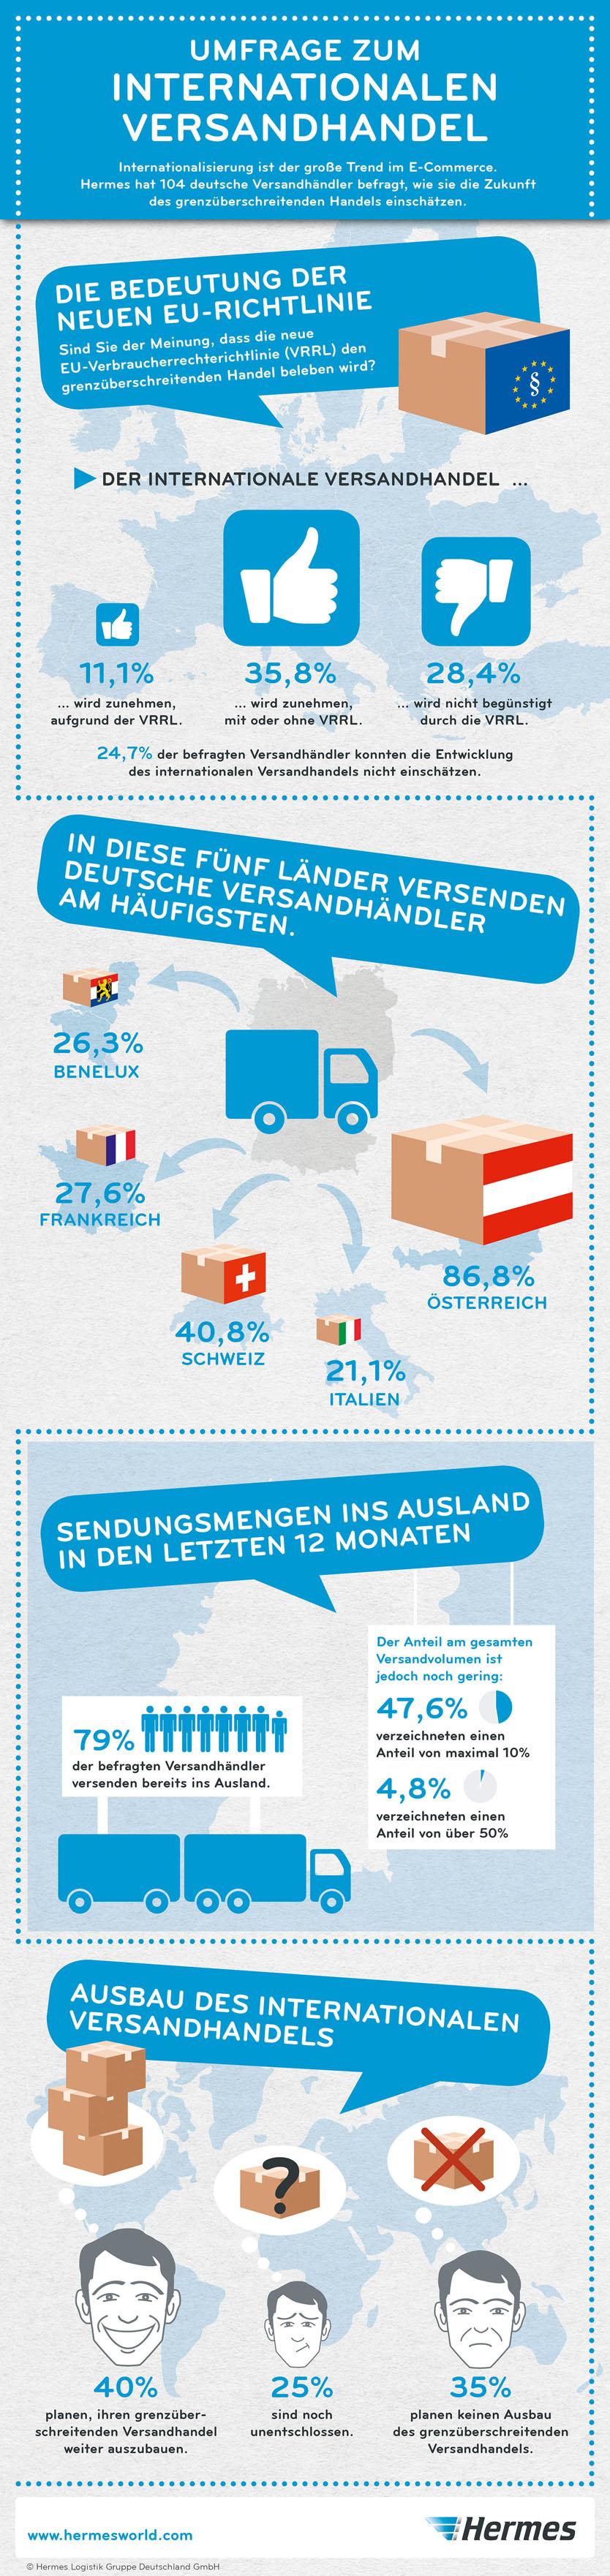 versandhändler in deutschland